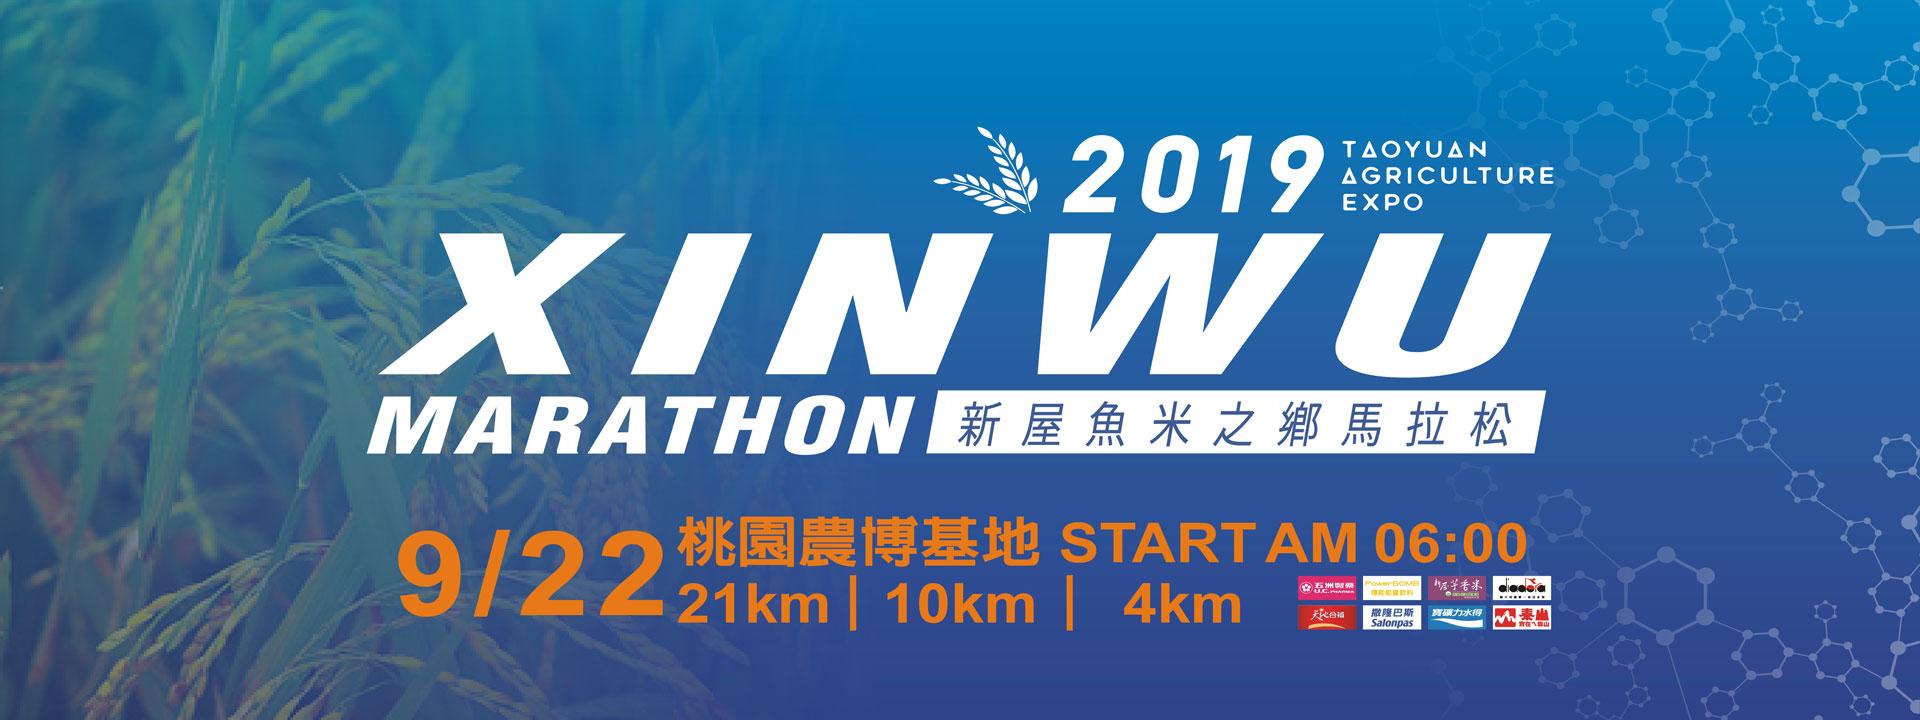 2019 新屋魚米之鄉馬拉松